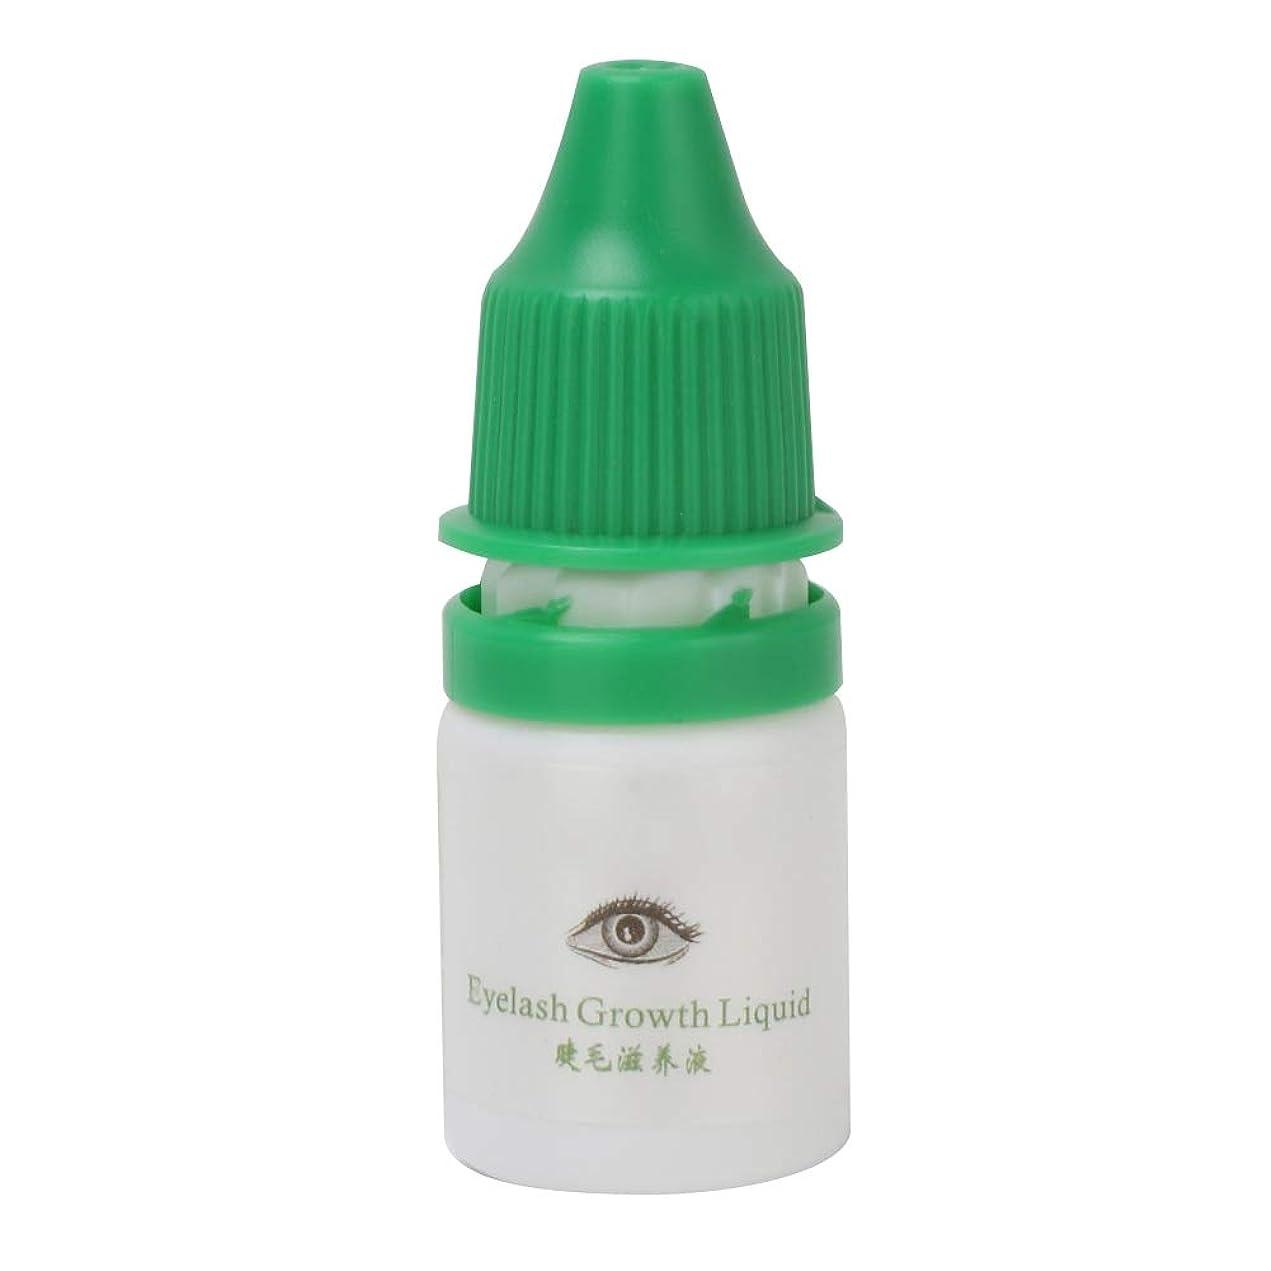 スズメバチレモンあいさつまつげ栄養のある美容液(まつげ - グリーン)